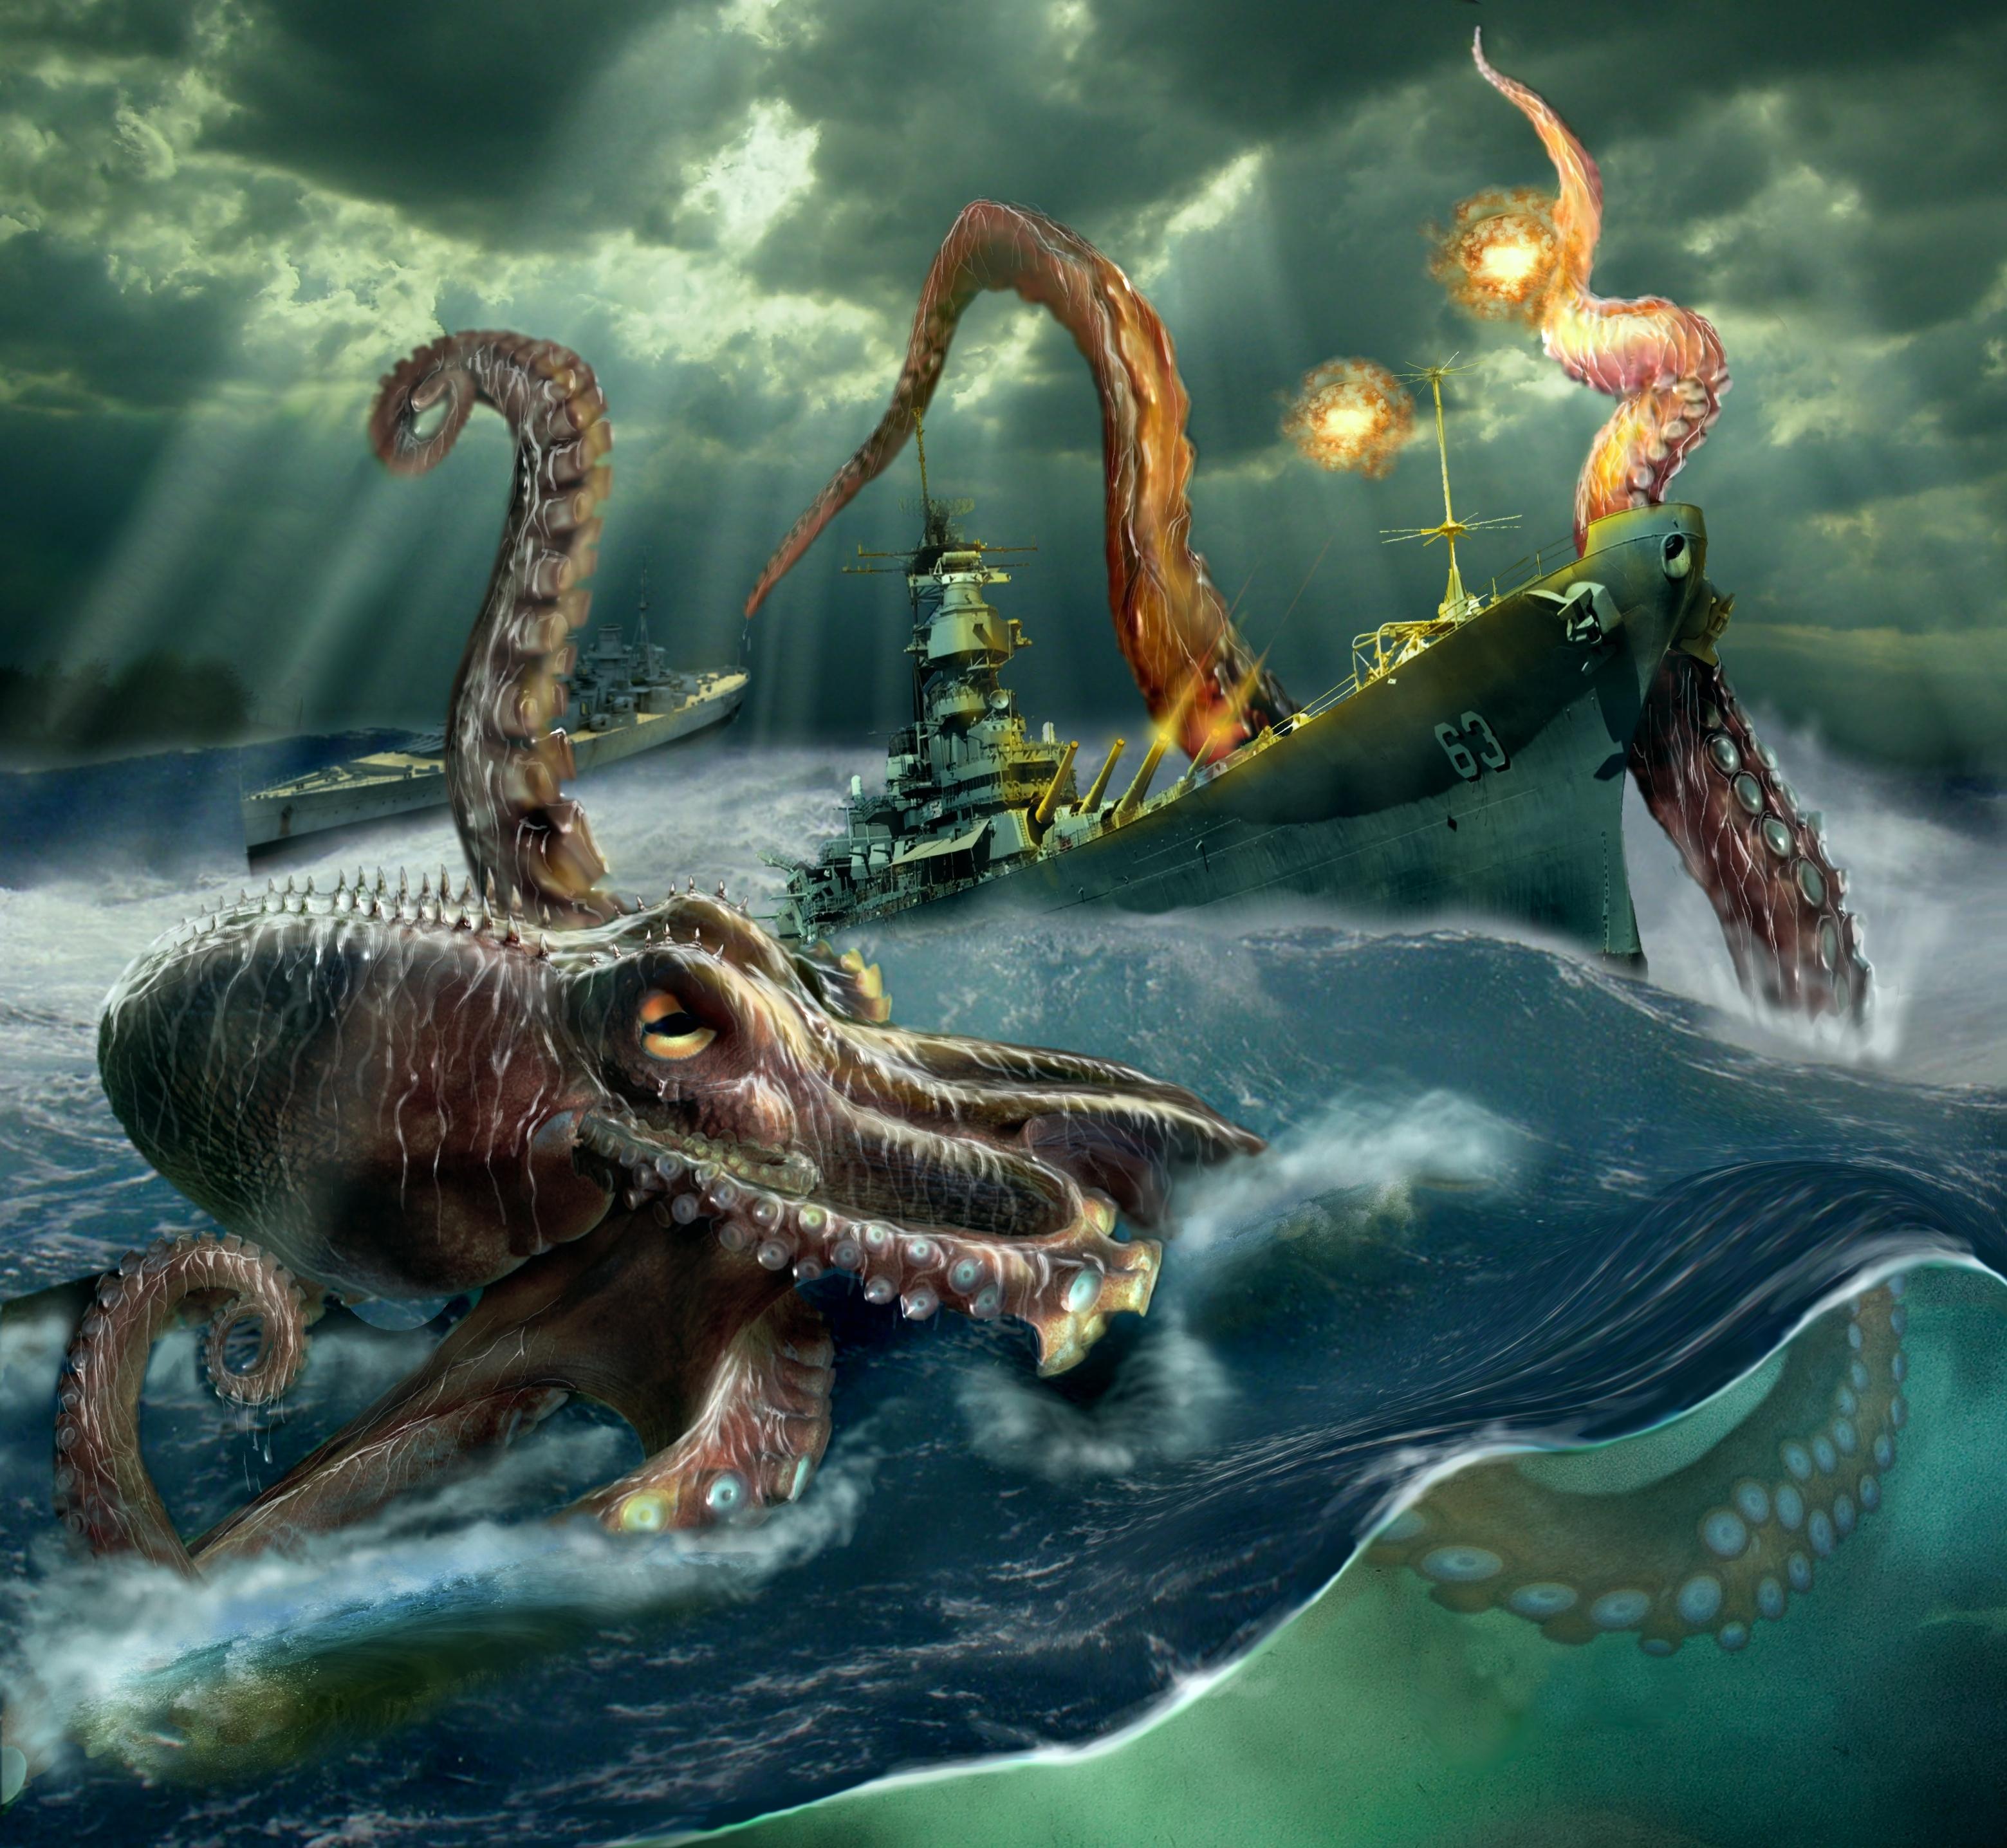 Amazing Kraken Pictures & Backgrounds